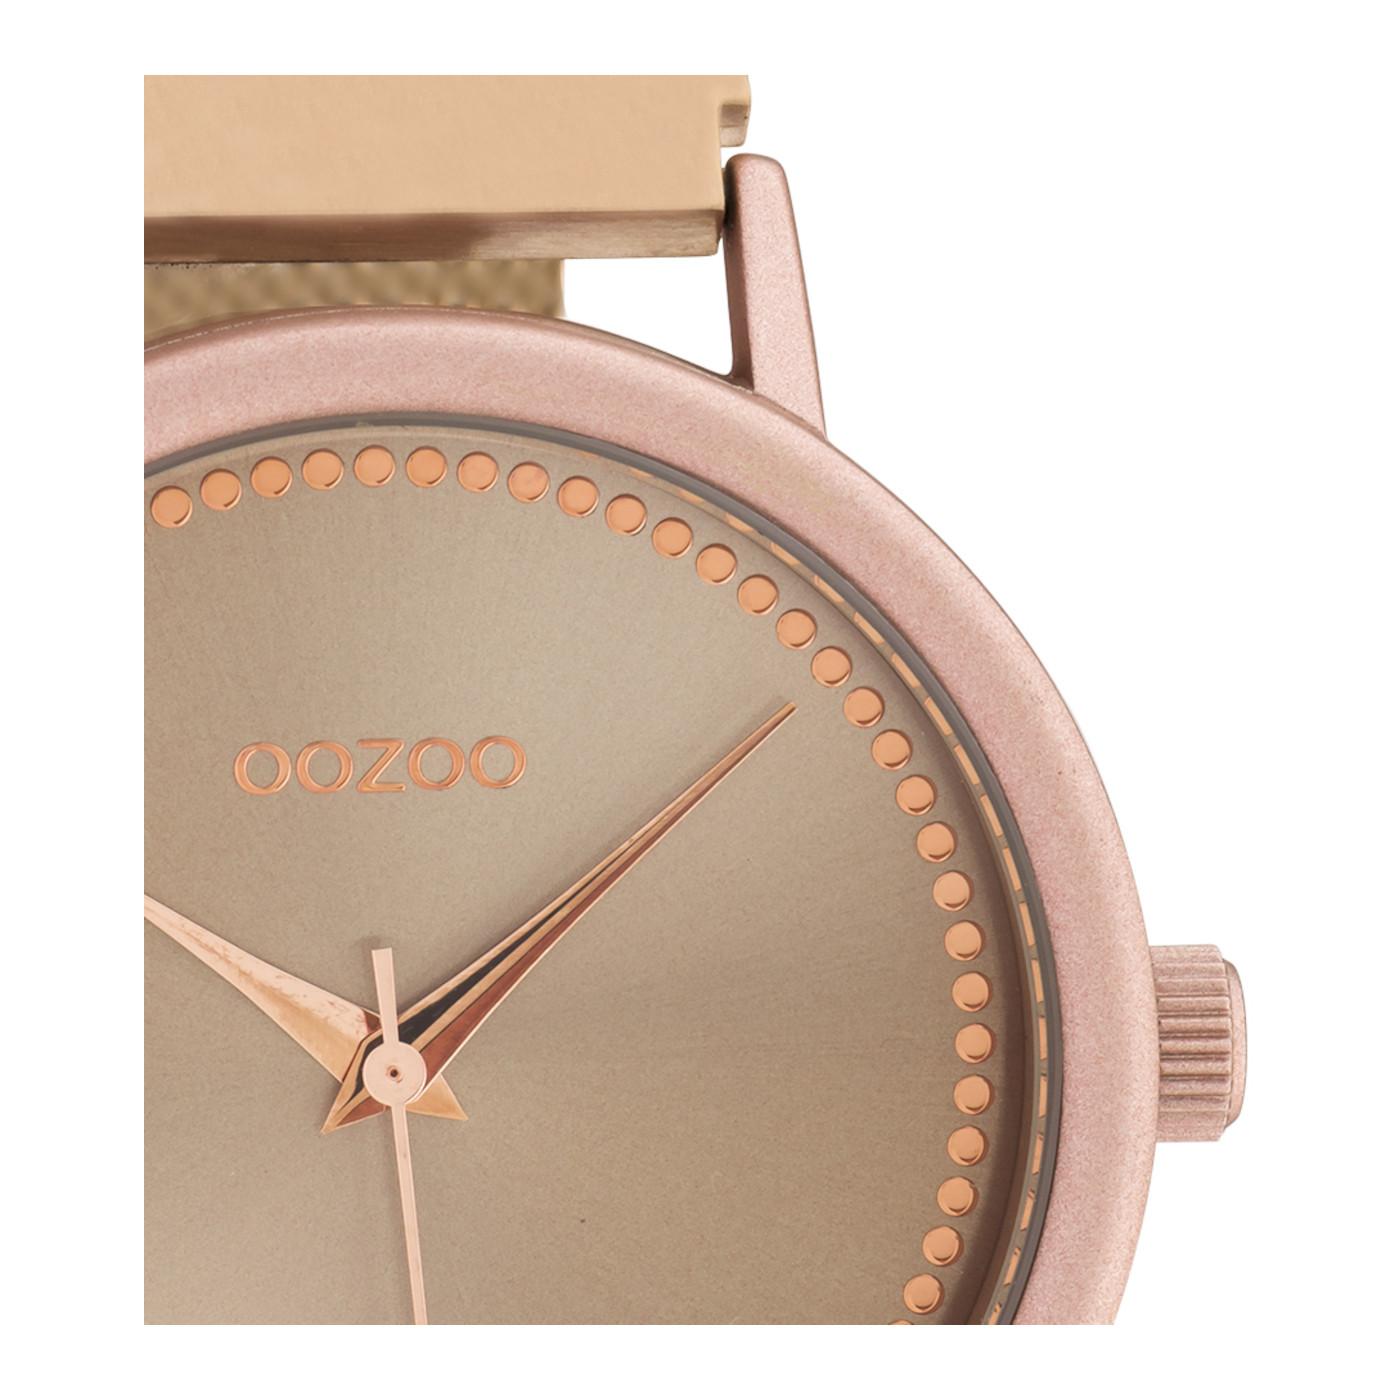 OOZOO Timepieces Summer horloge C10683